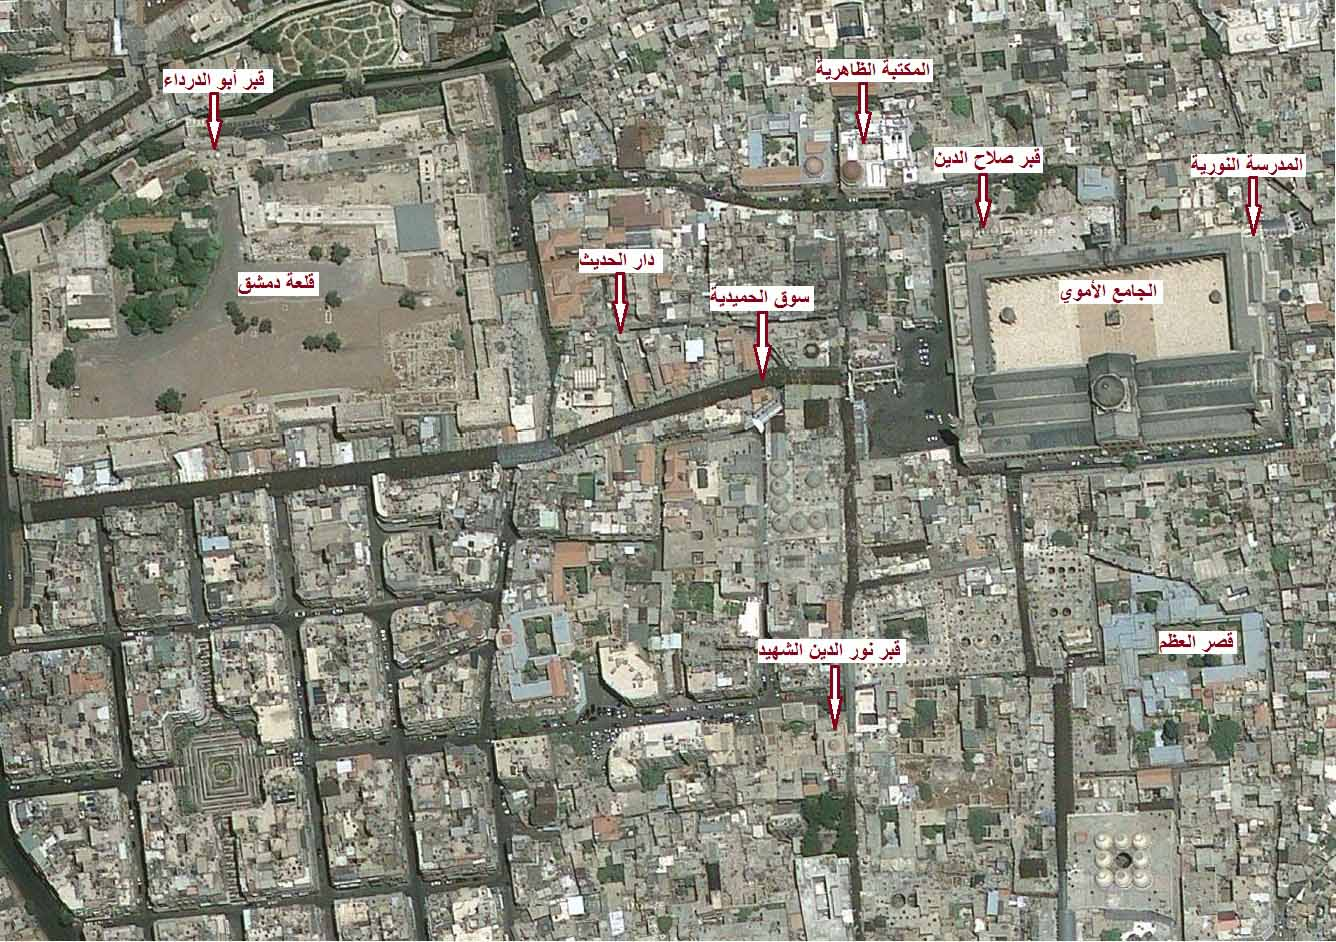 المسجد الأموي في دمشق ( قصة حضارة )